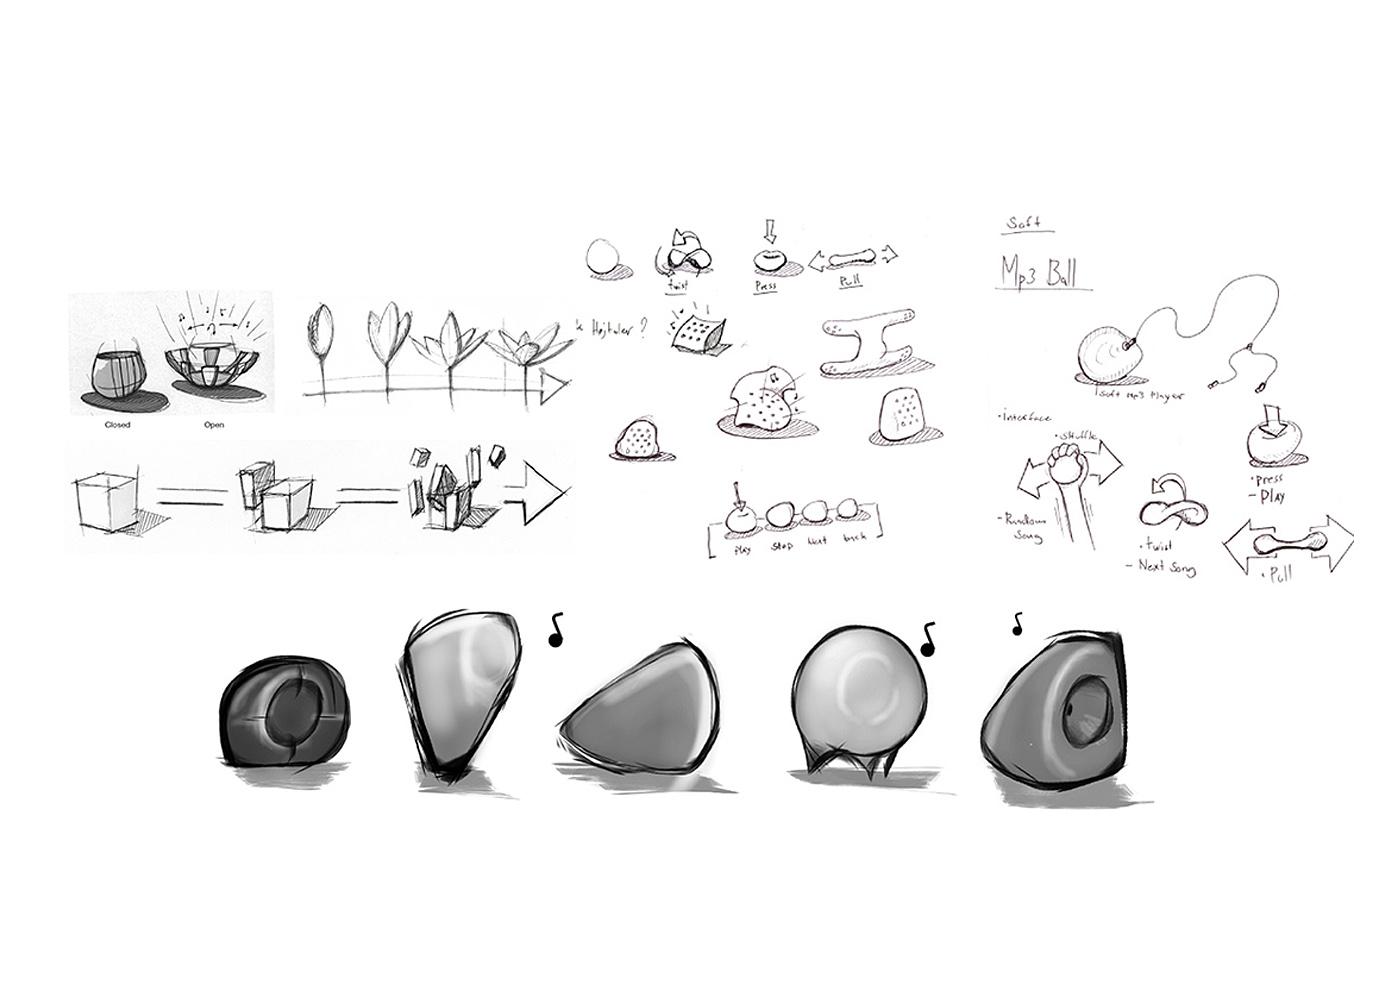 speaker_design_concepts.jpg